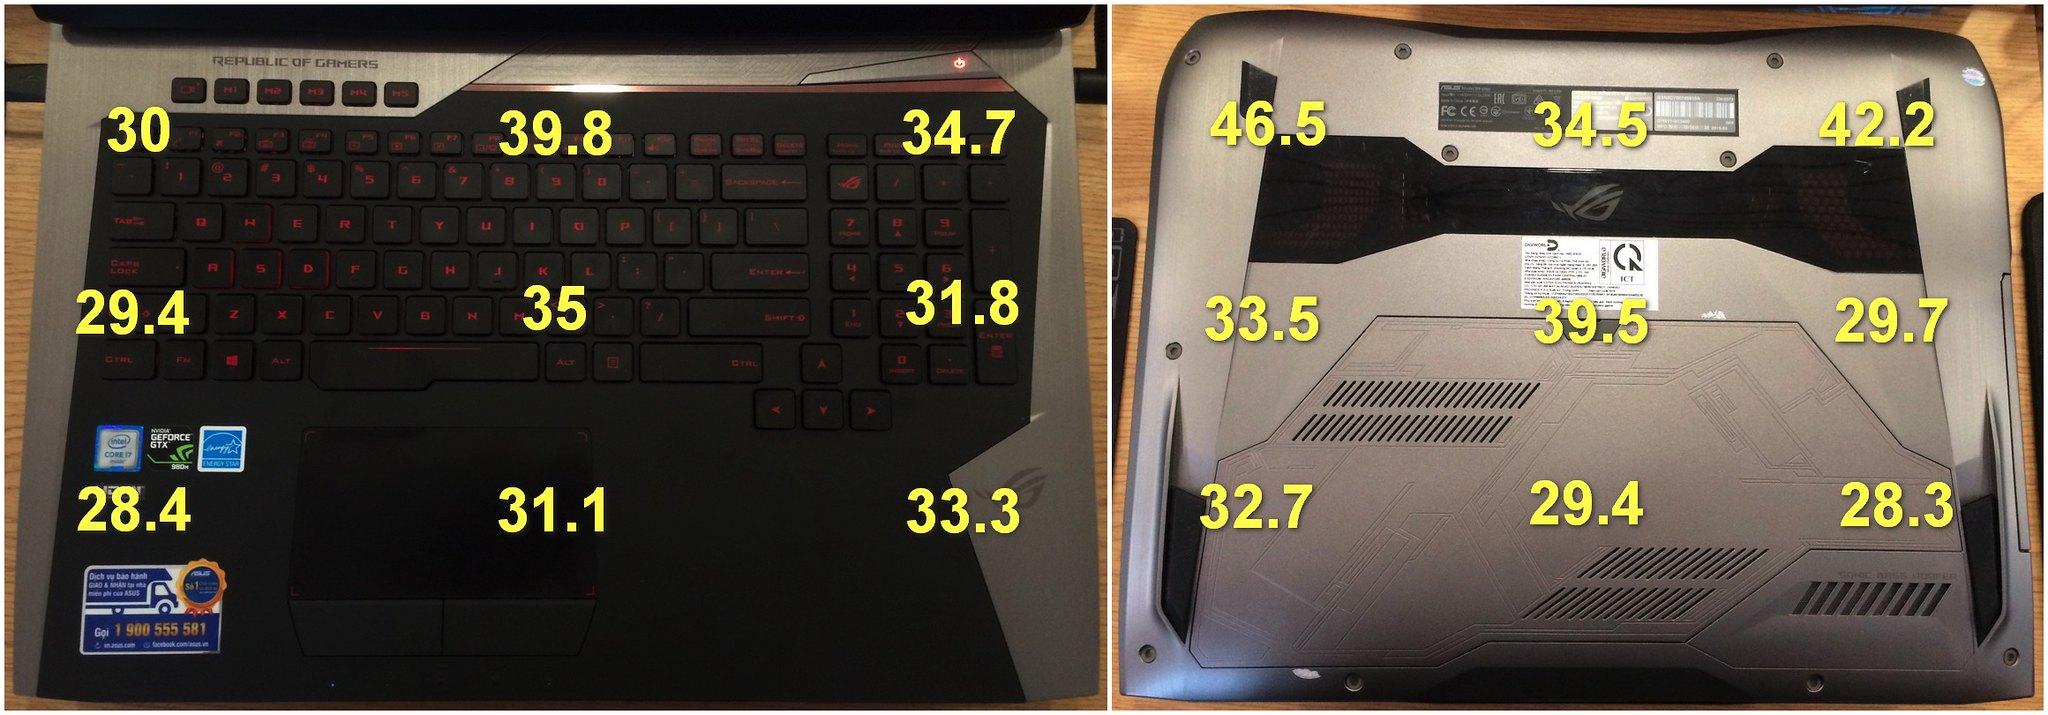 Đánh giá chi tiết ROG G752VY - Khi game nặng đã không còn là một rào cản - 121416